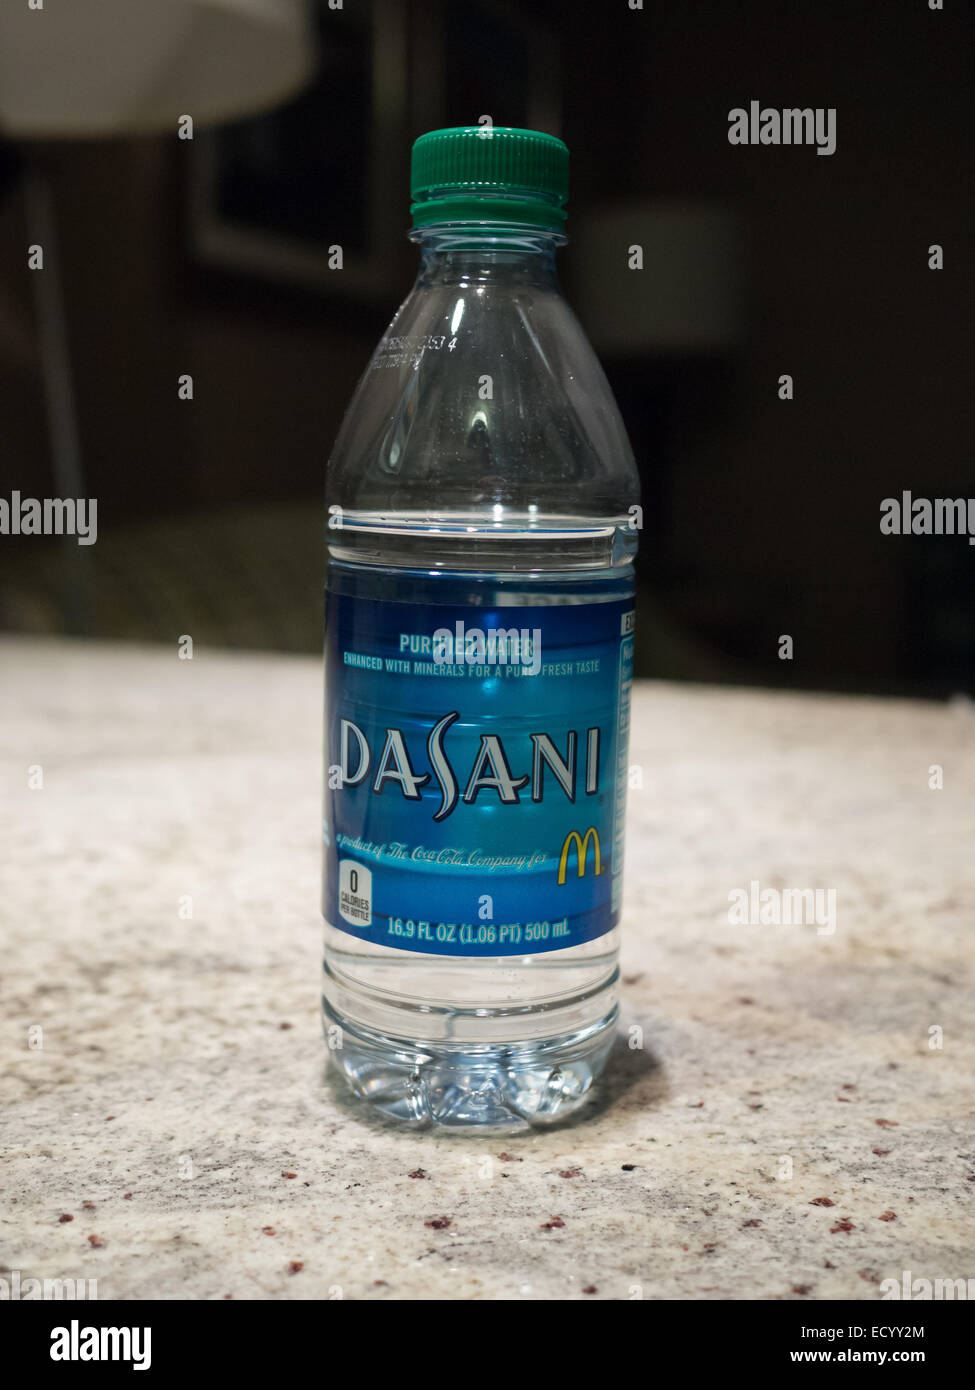 Dasani acqua in bottiglia Immagini Stock